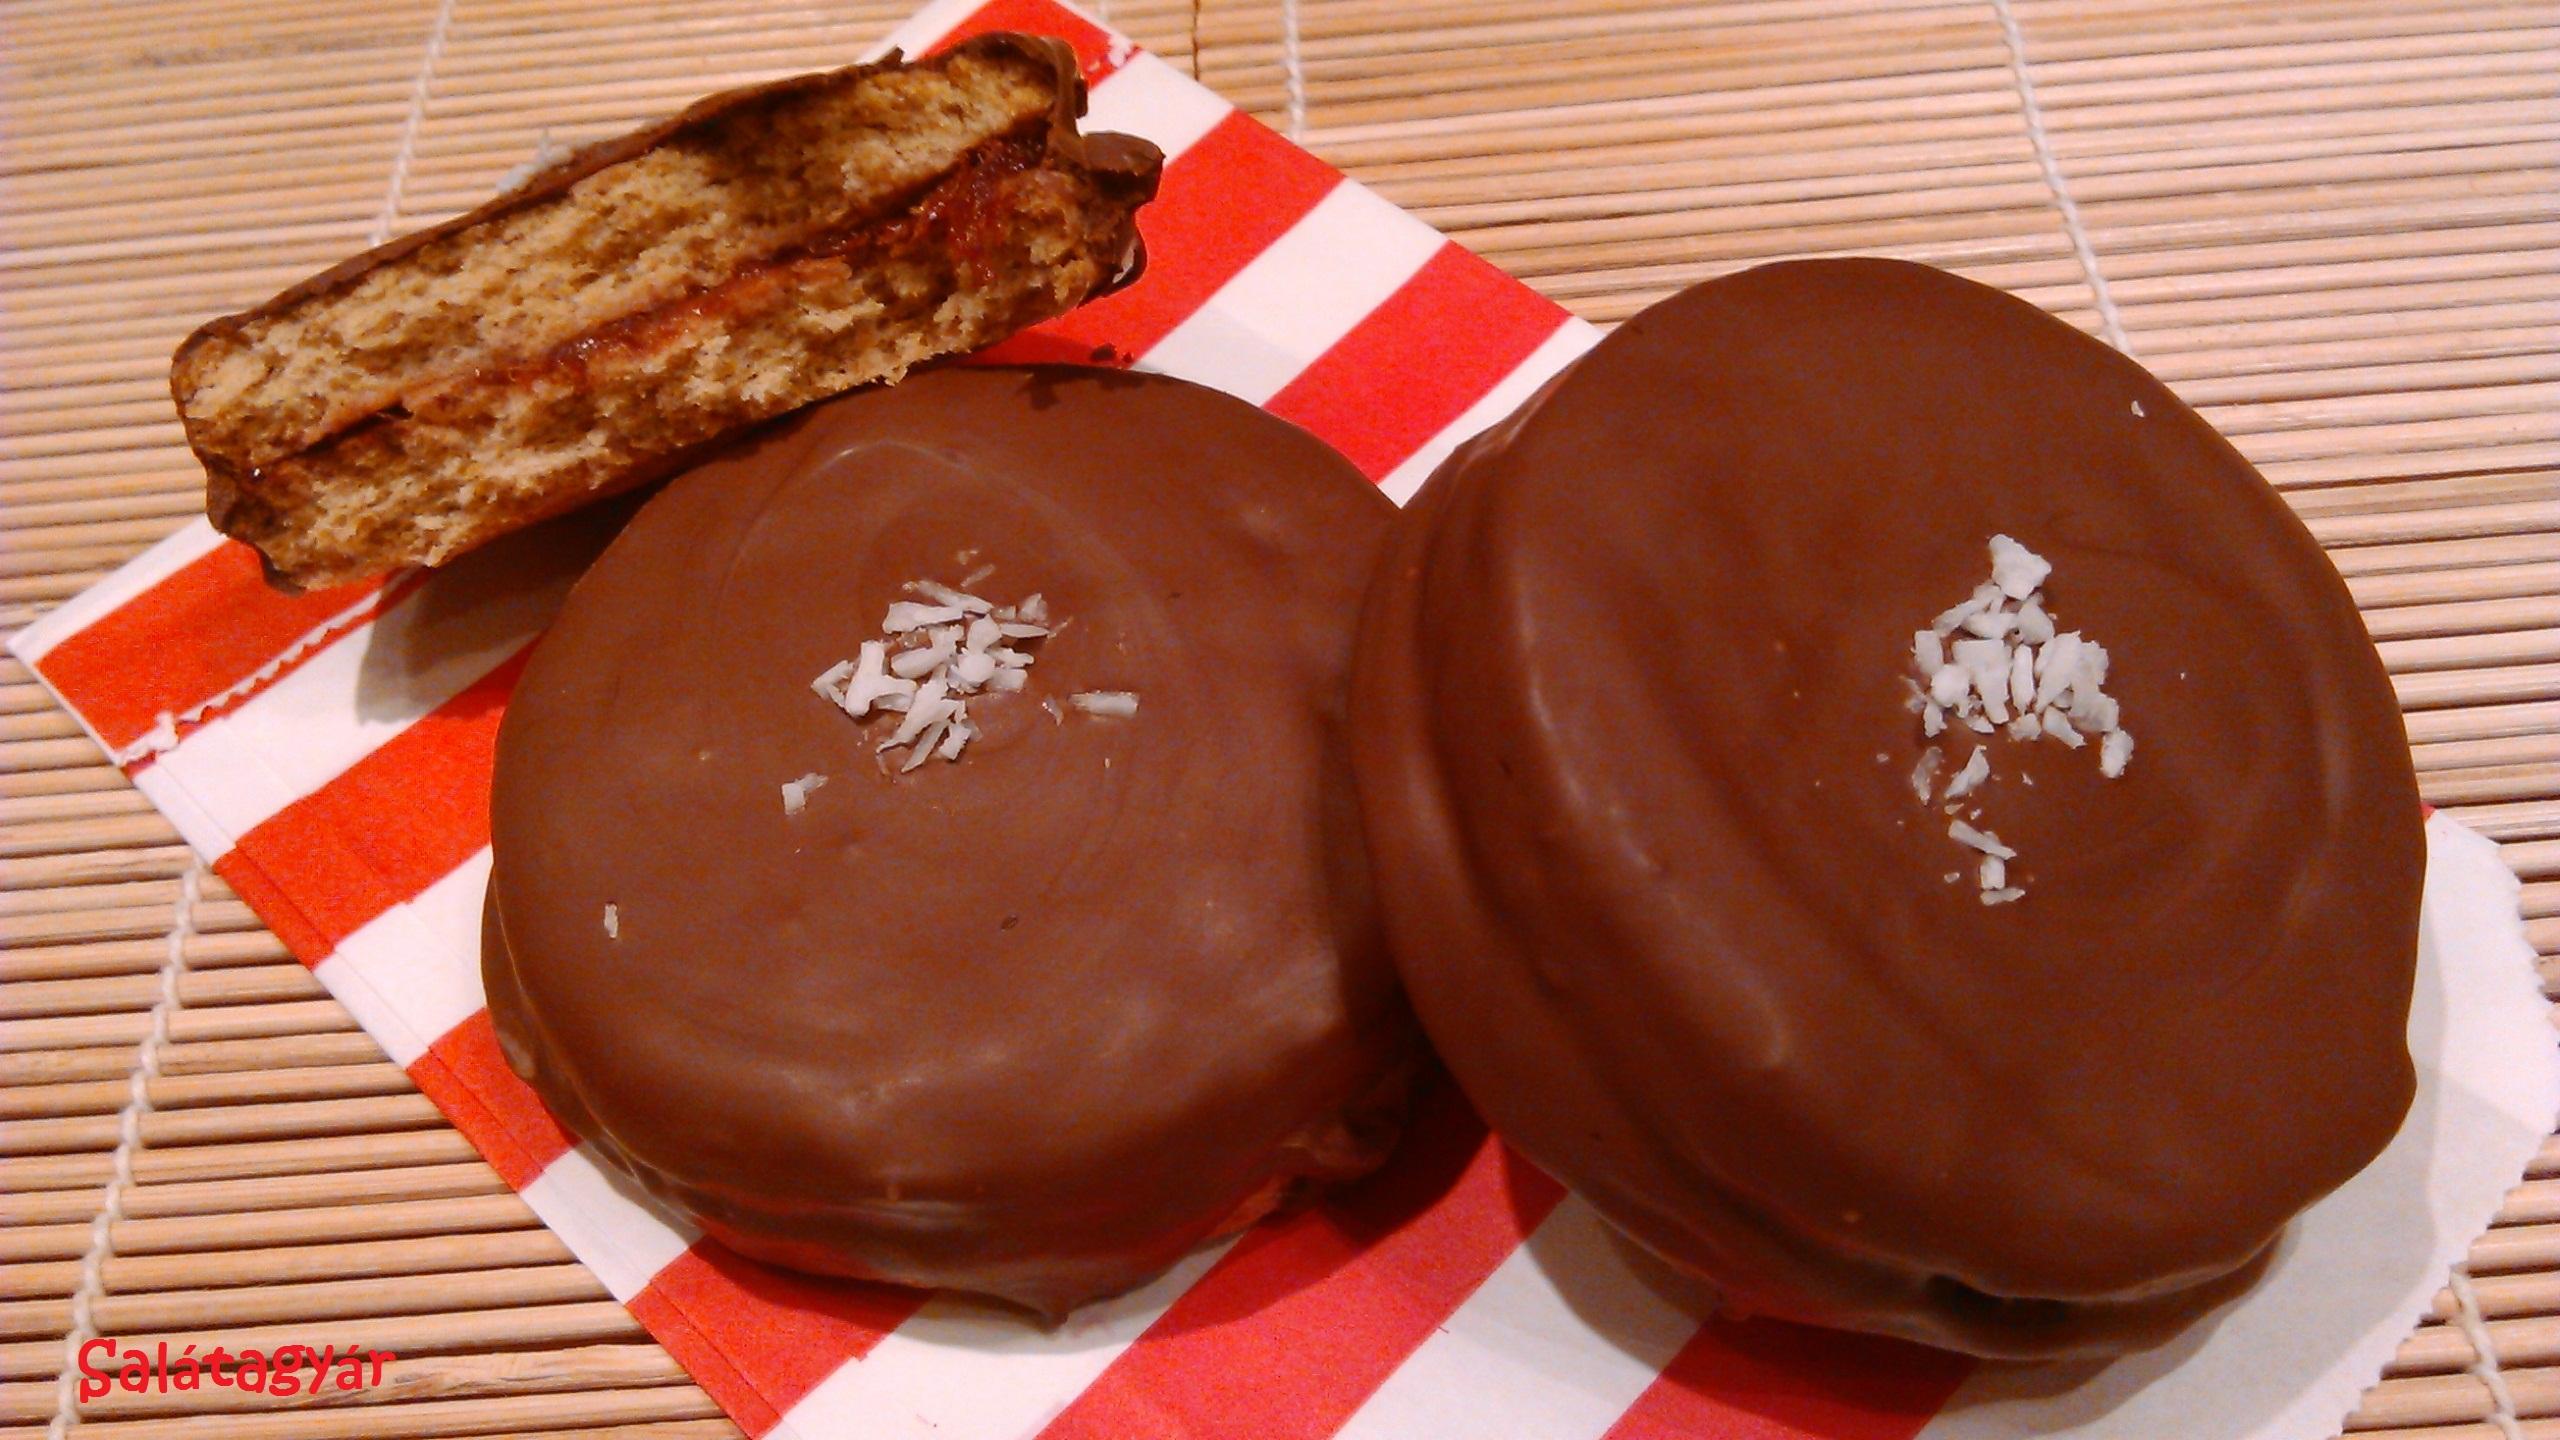 Diétás isler zabpehelylisztből, cukor nélkül!